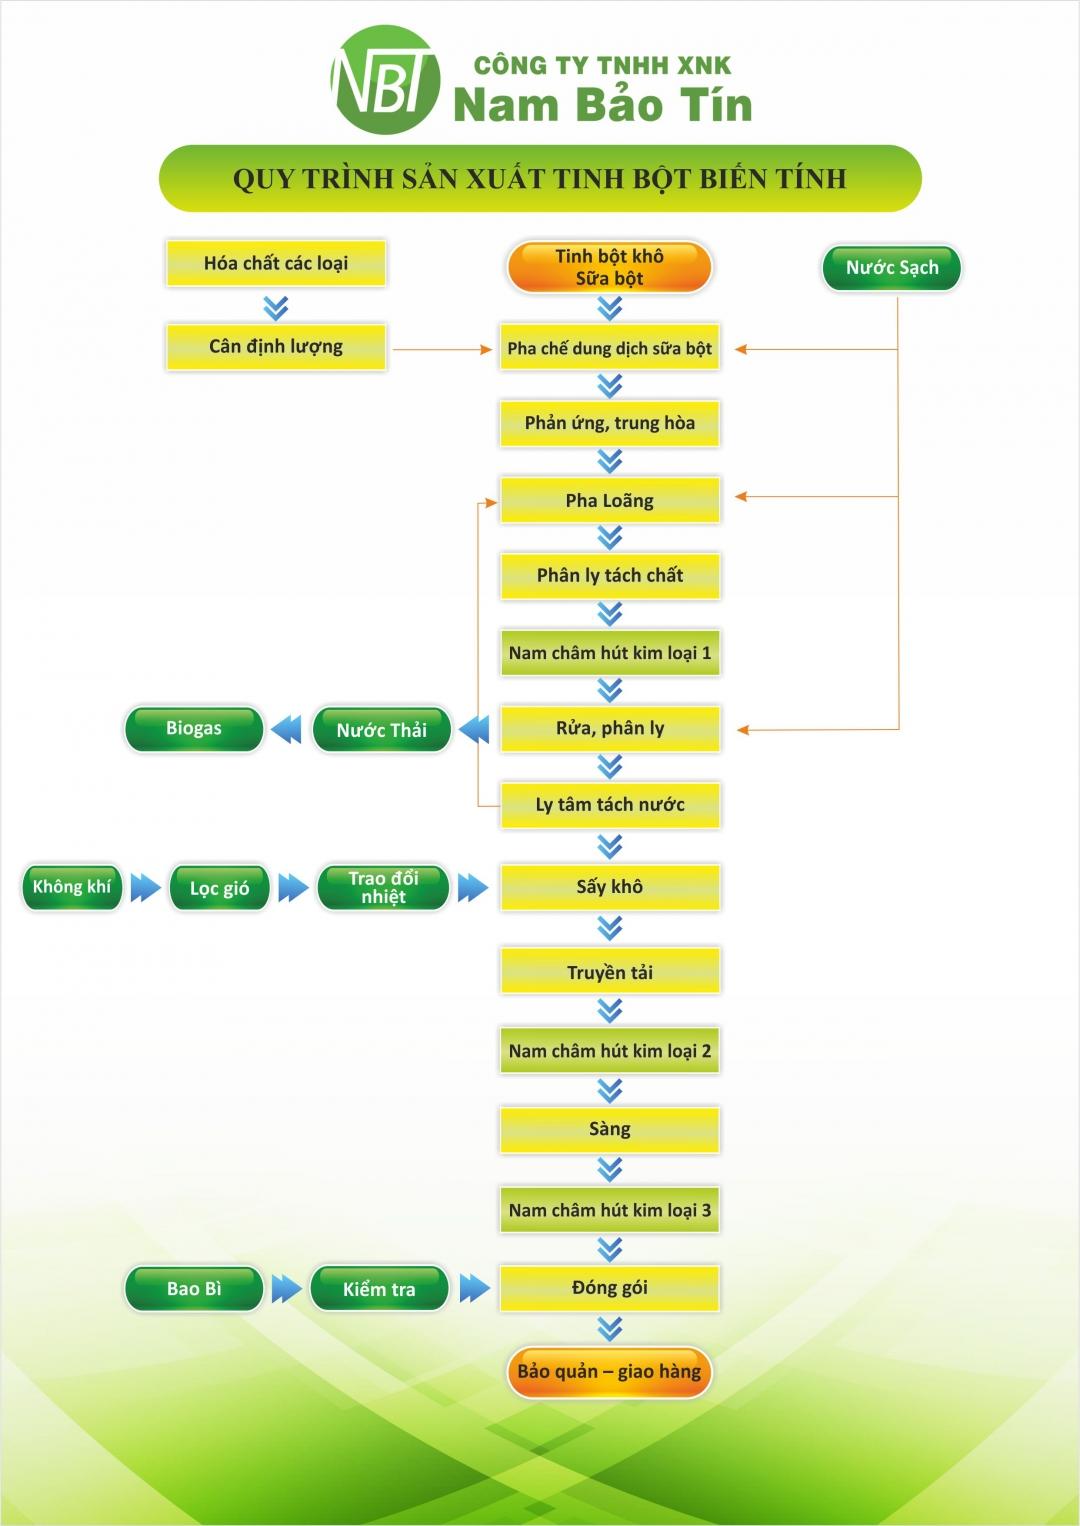 Qui trình sản xuất tinh bột biến tính